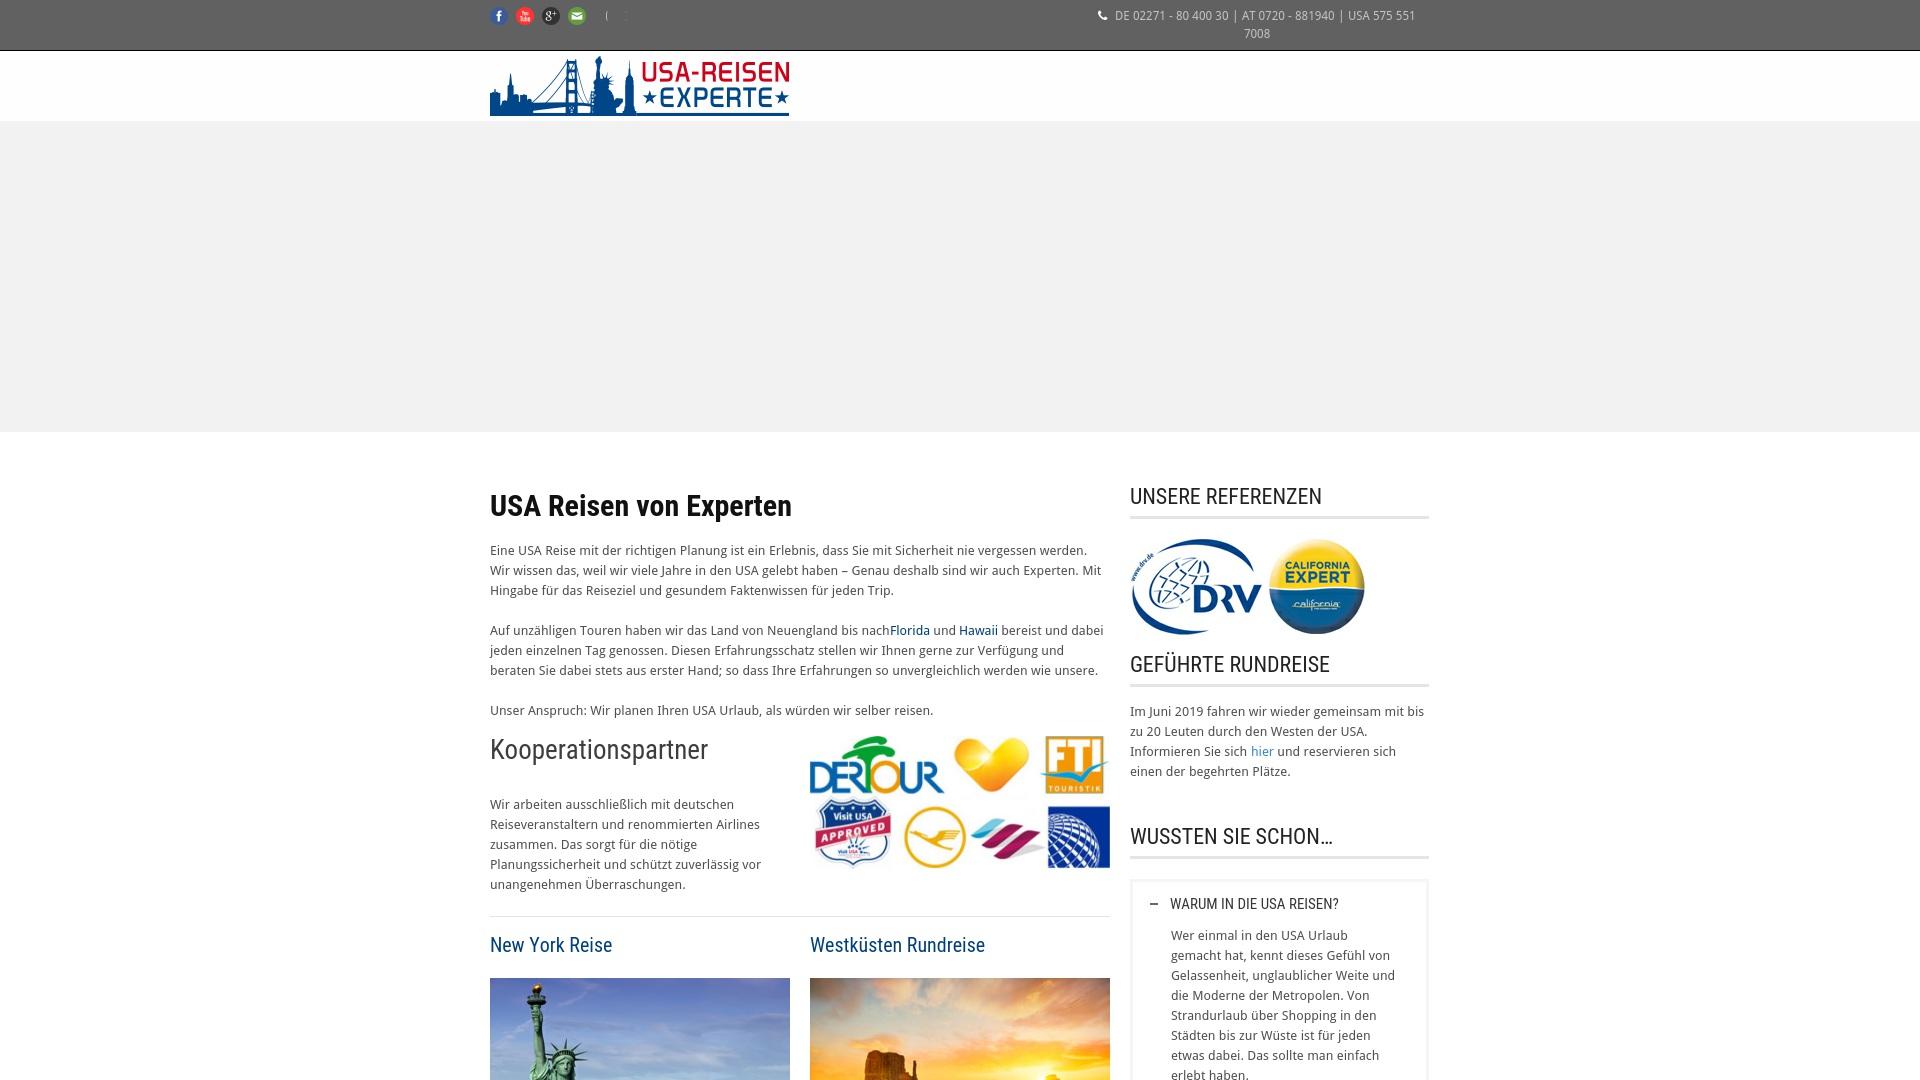 Gutschein für Usa-reisen-experte: Rabatte für  Usa-reisen-experte sichern